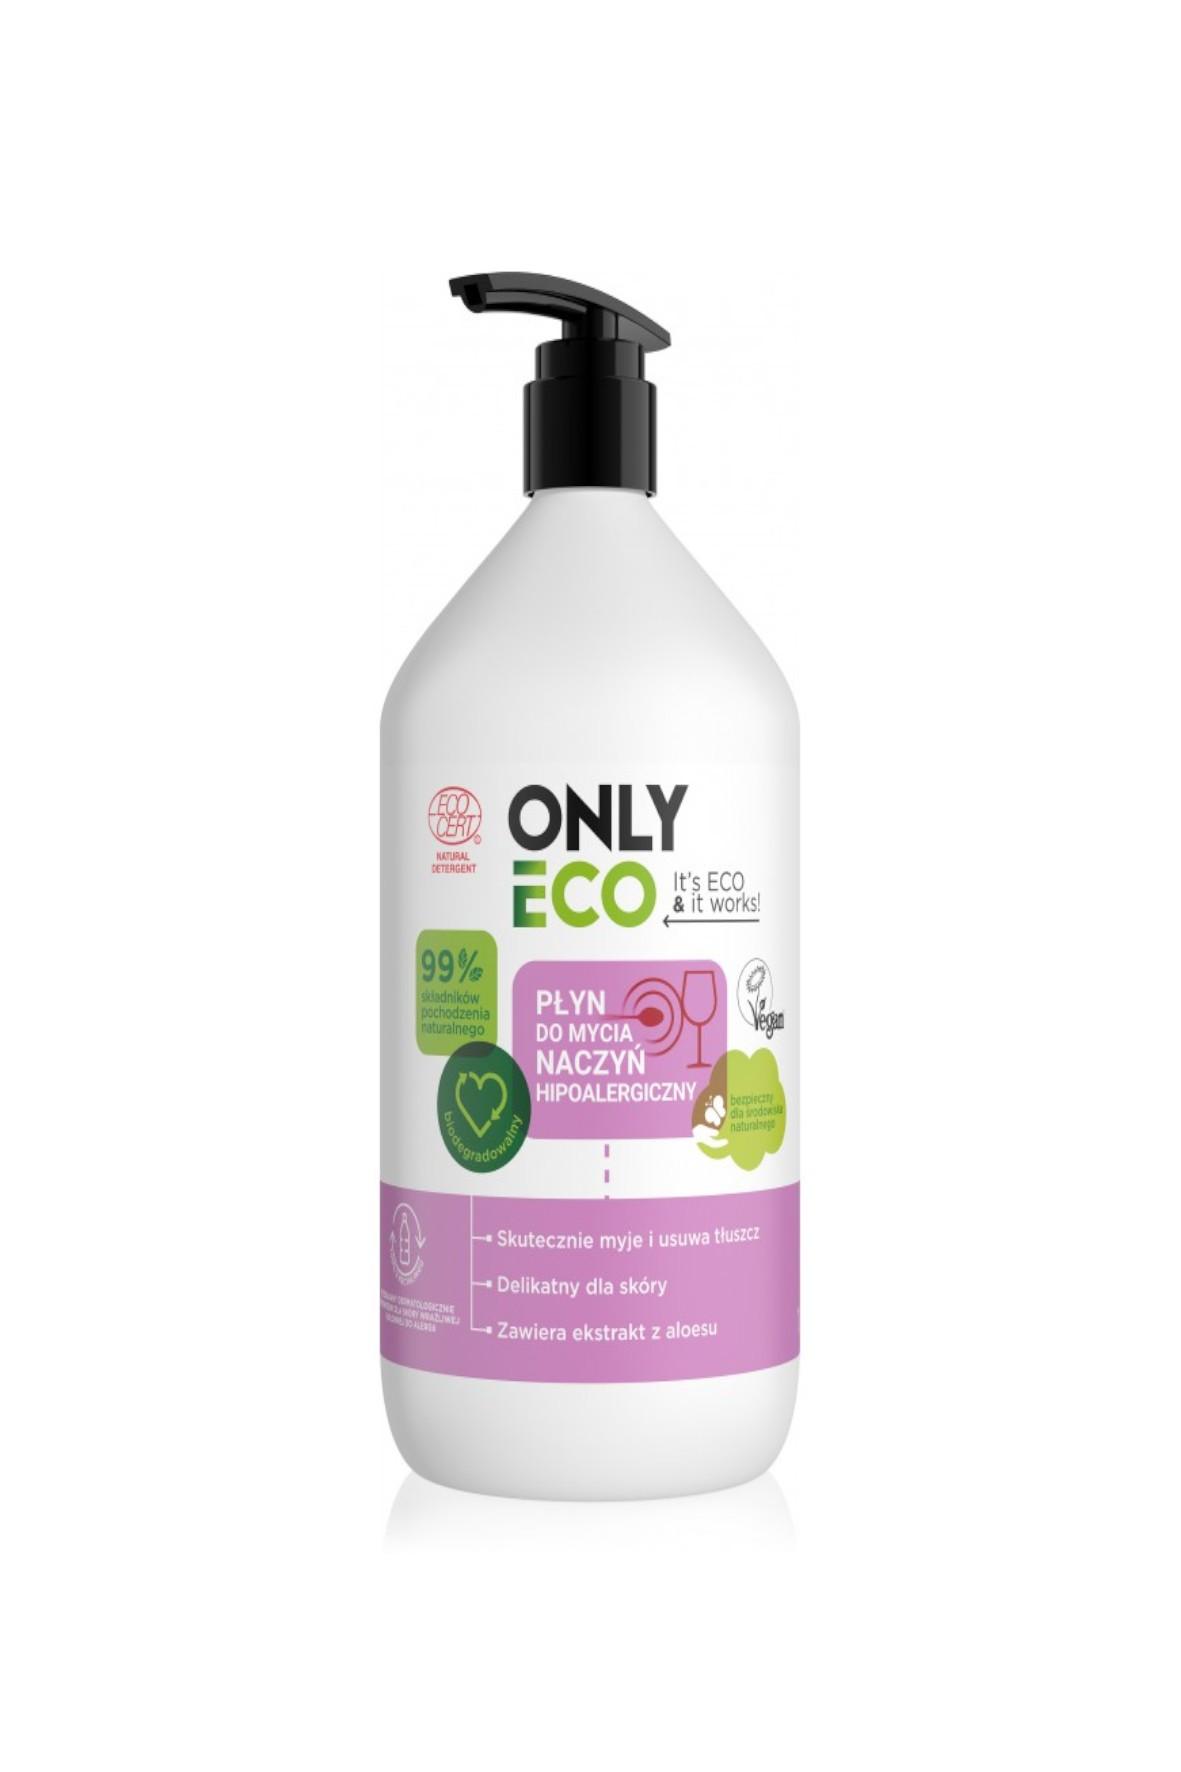 OnlyEco płyn do mycia naczyń hipoalergiczny 1000ml